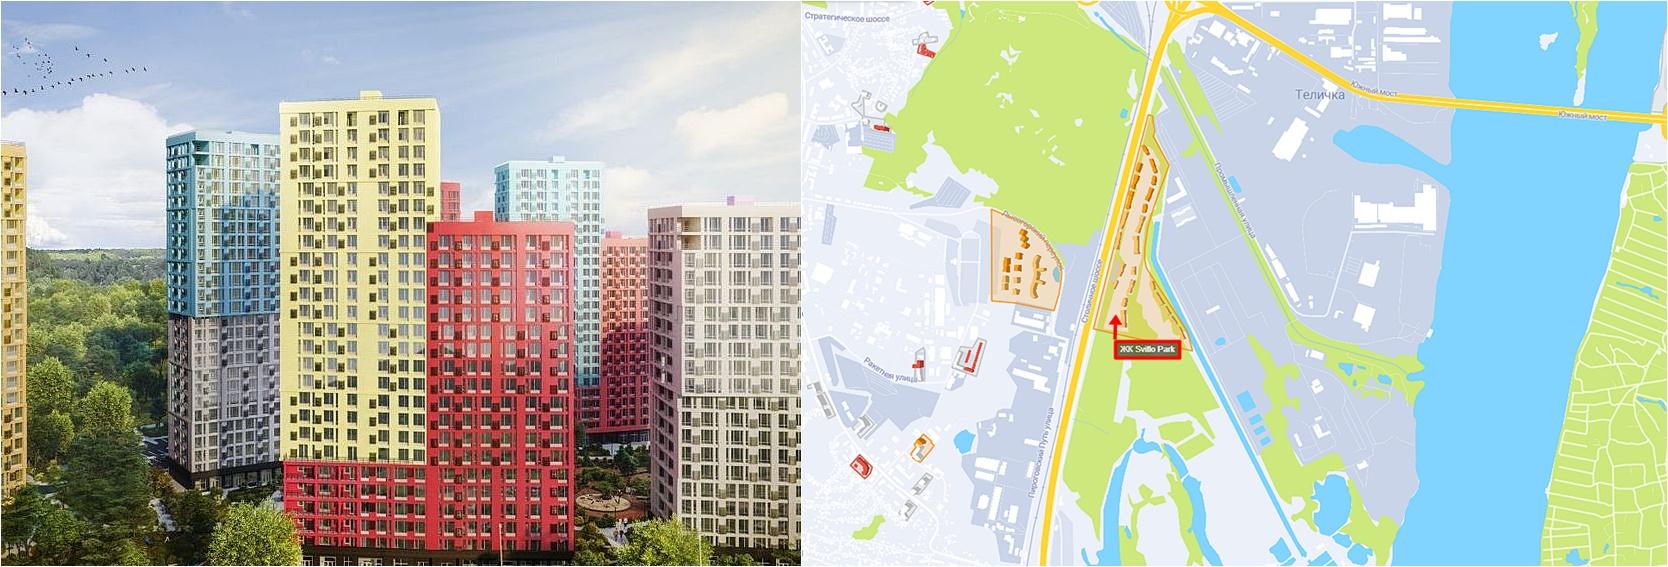 ЖК Свитло Парк визуализация и на карте